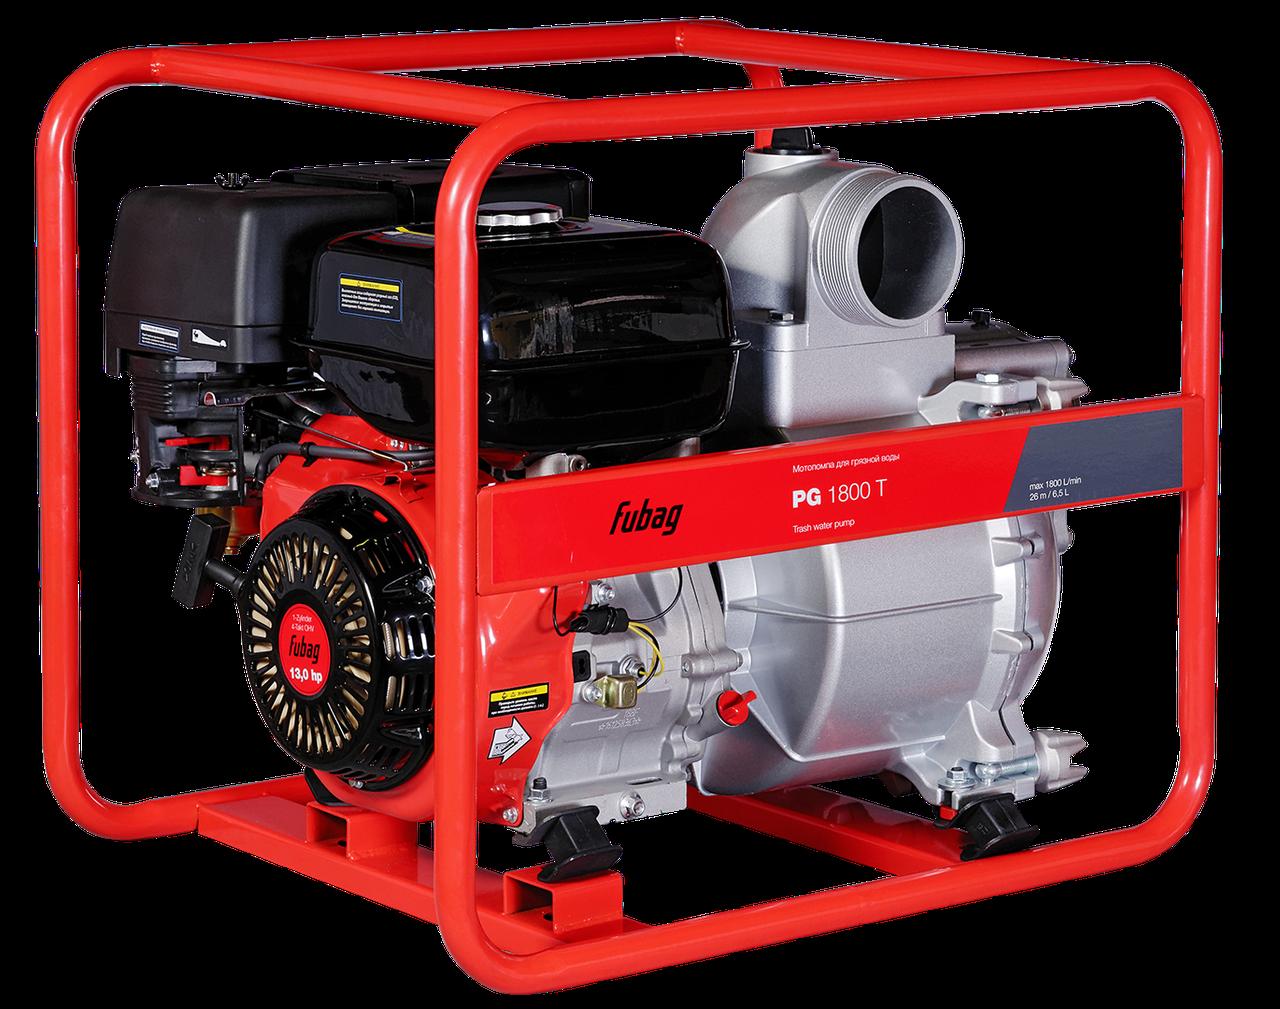 Мотопомпа для сильнозагрязненной воды, FUBAG PG 1800 T, 1800 л/мин, 26м